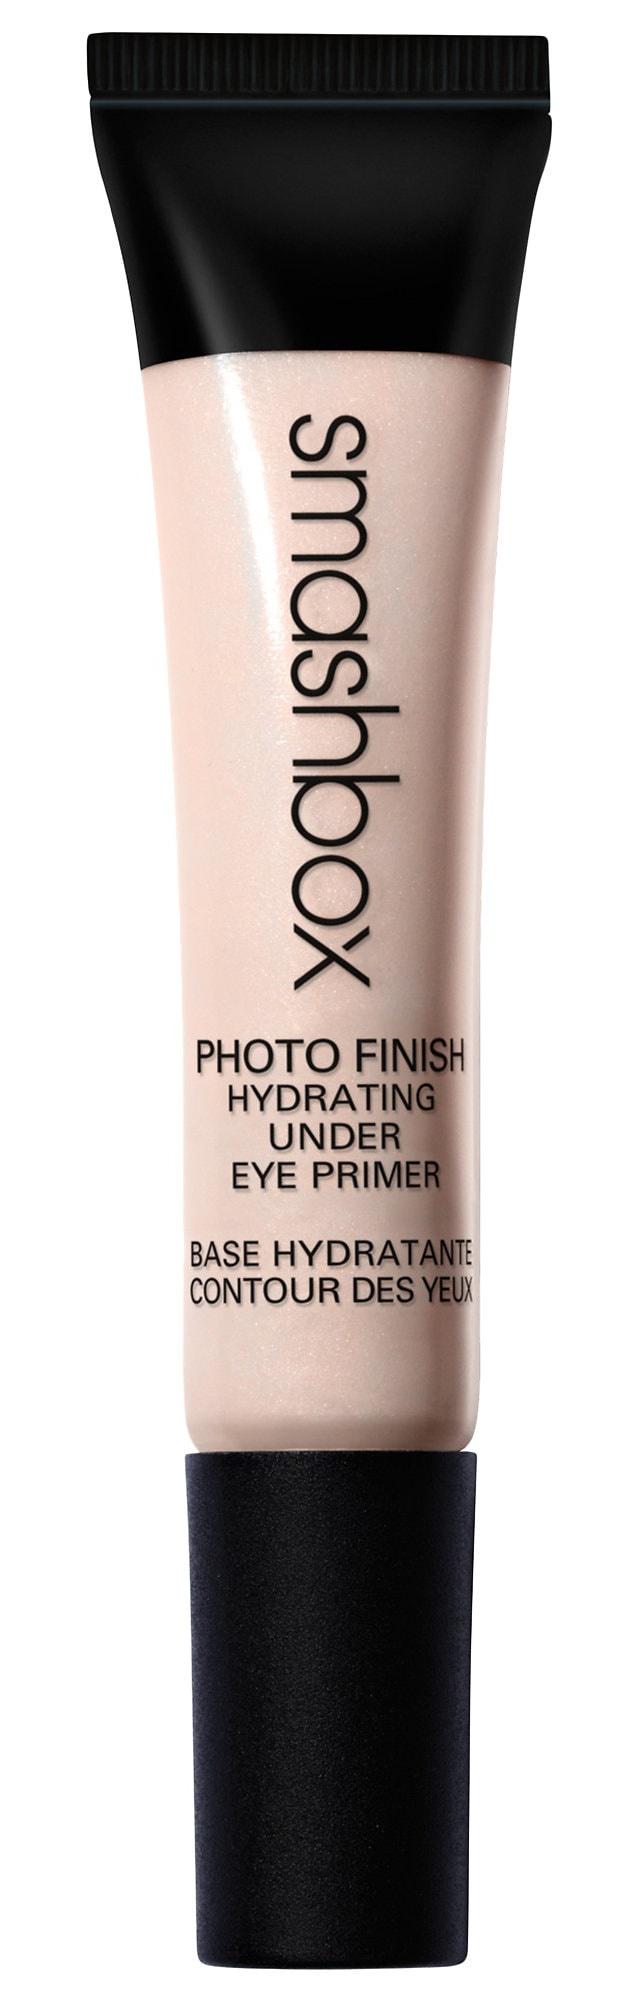 Smashbox Hydrating Under Eye Primer